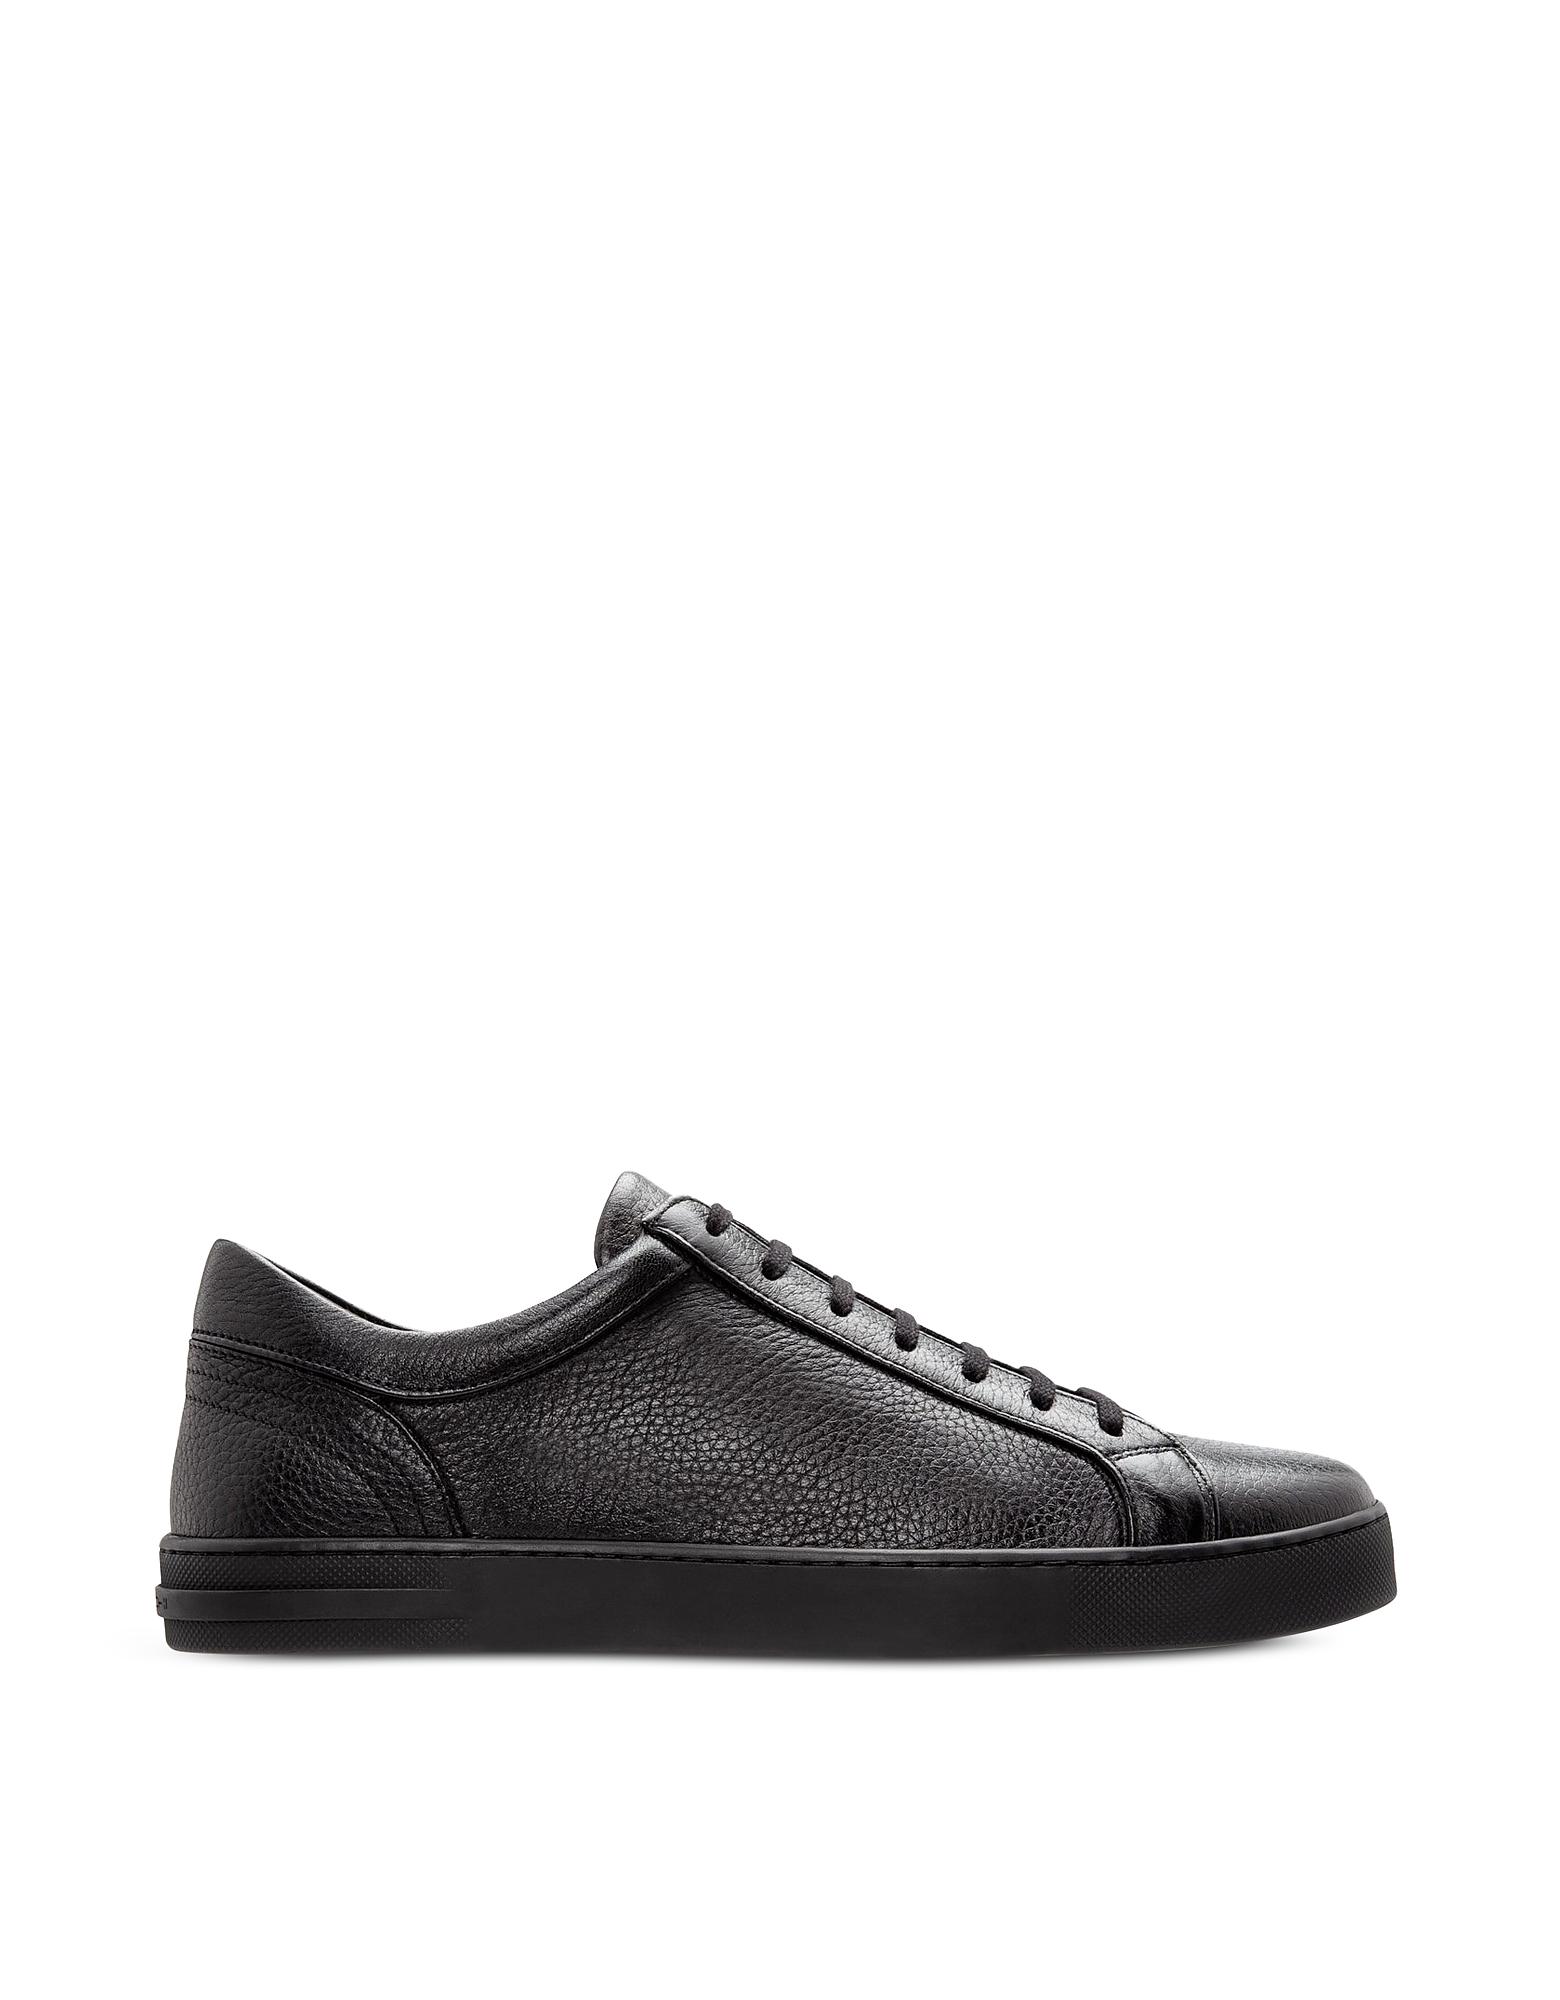 Moreschi Designer Shoes, Ibiza Black Deerskin Men's Sneakers